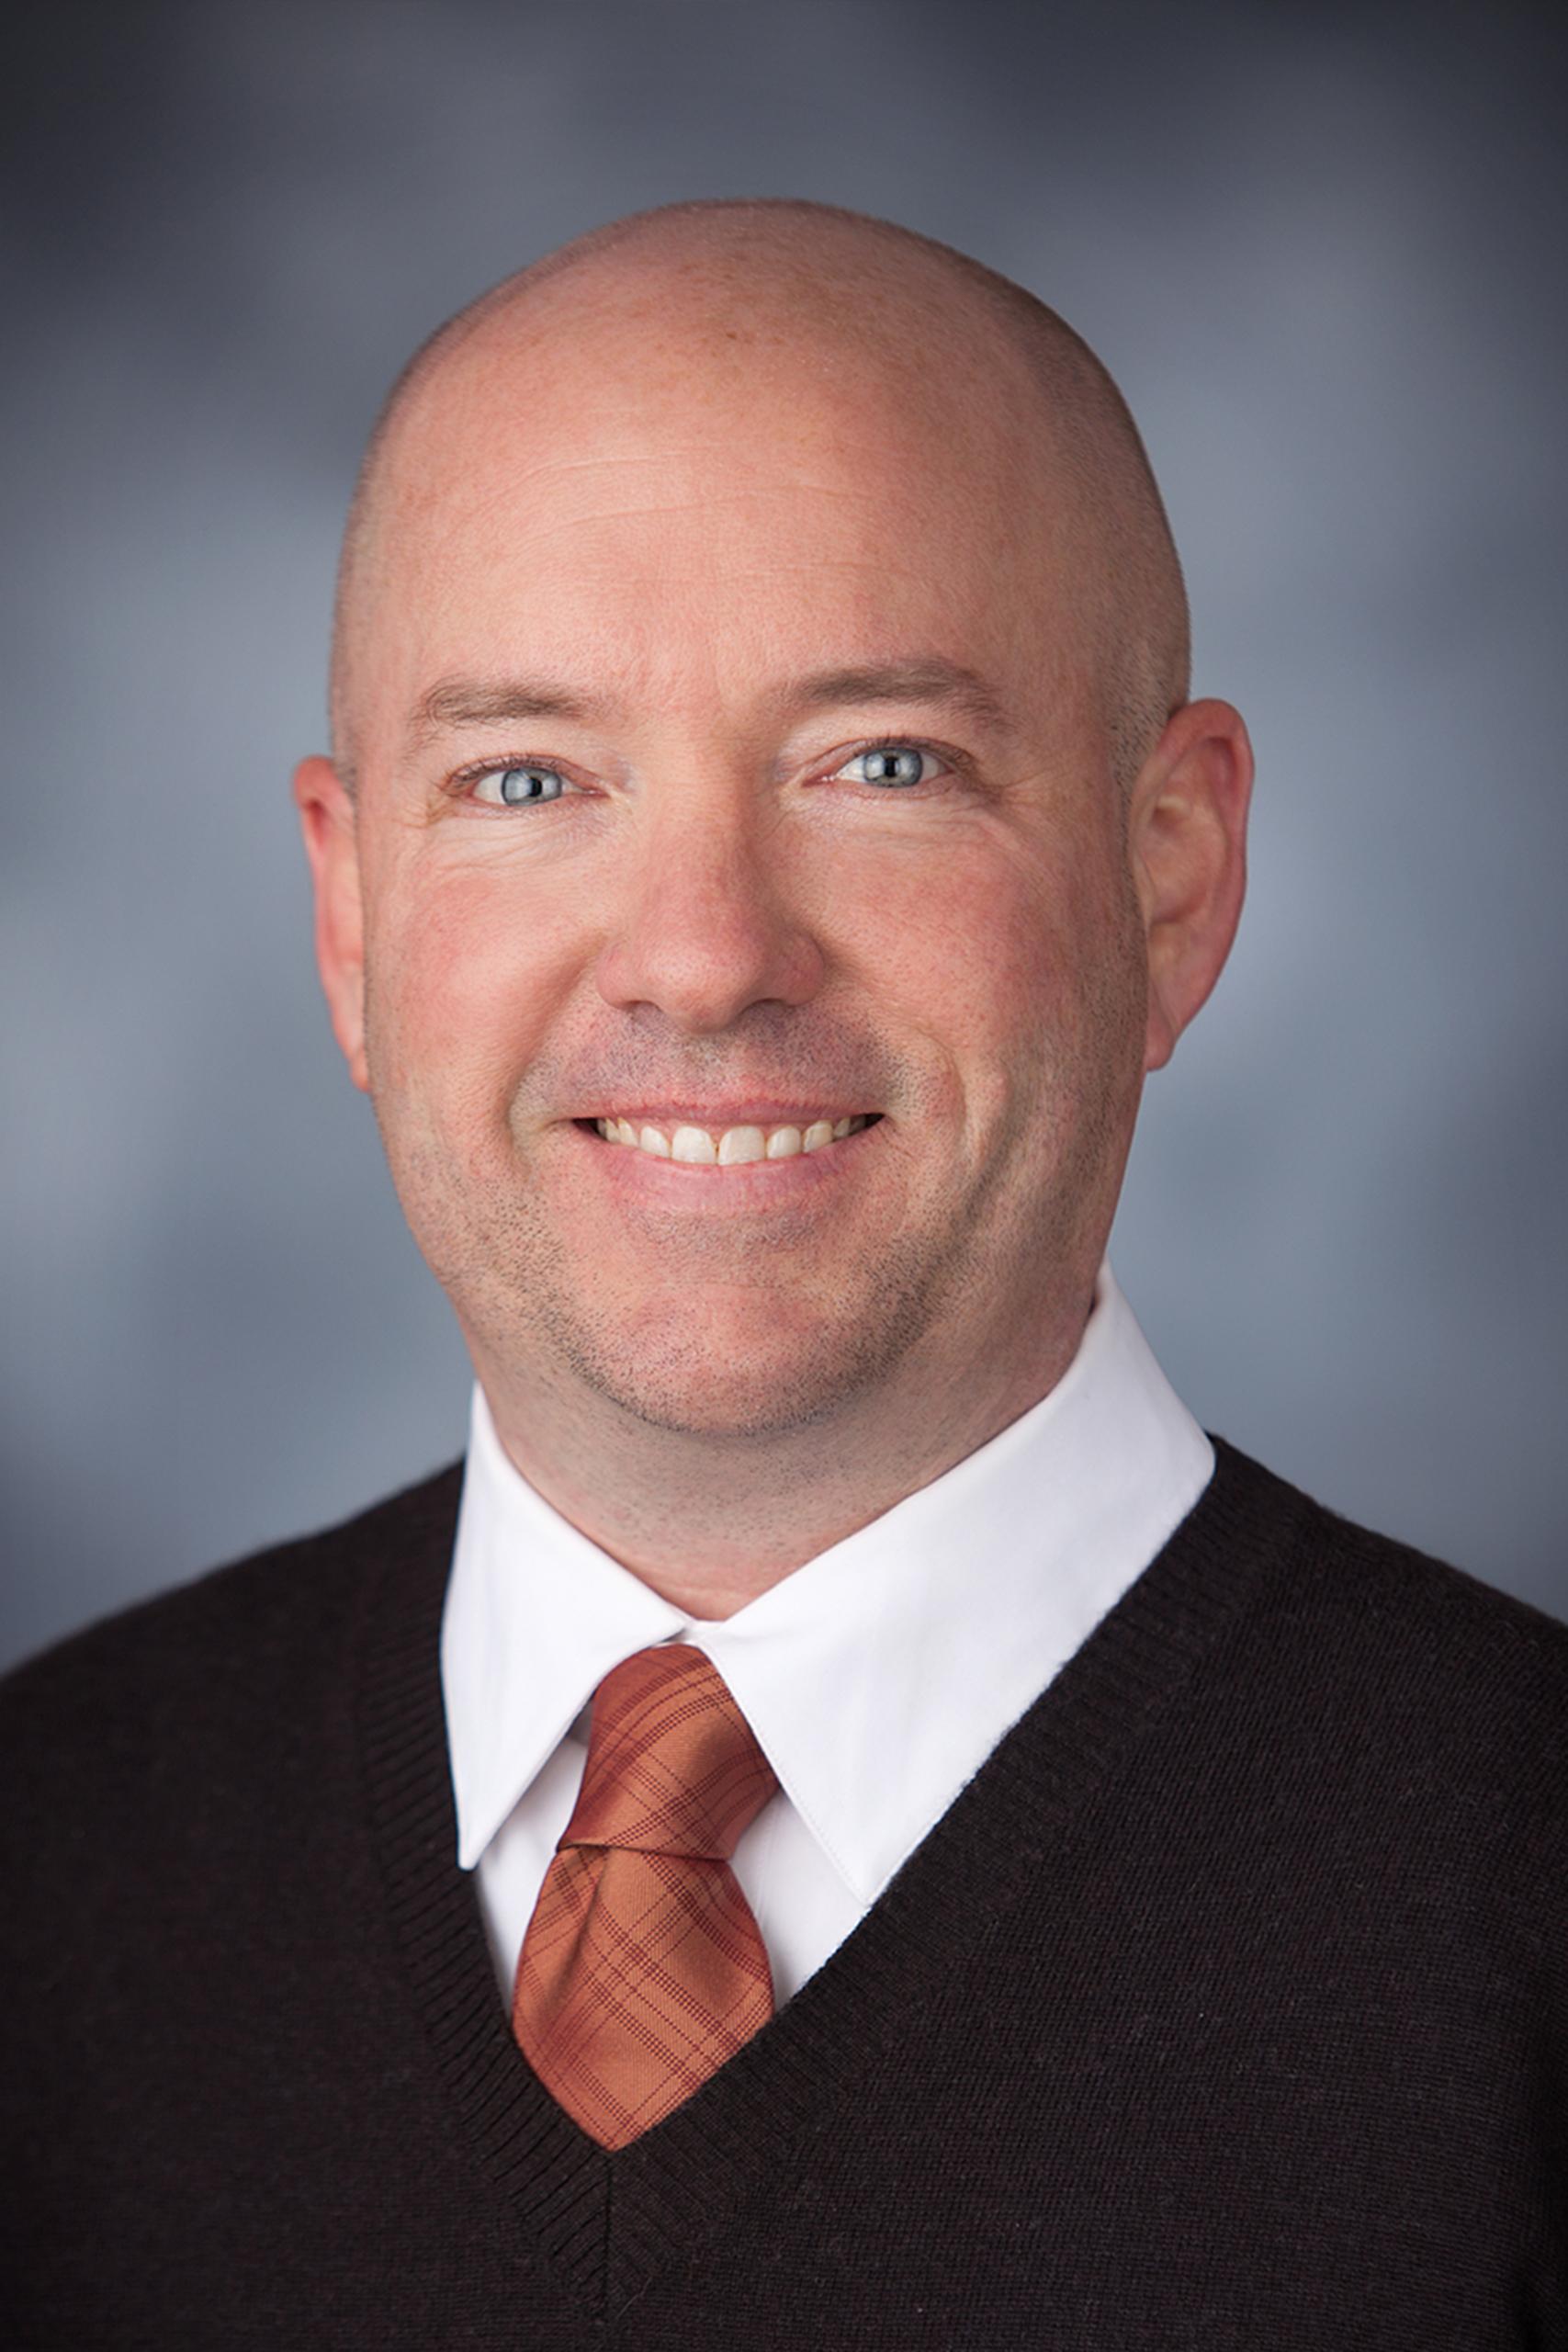 Jason Lincoln Real Estate Seller